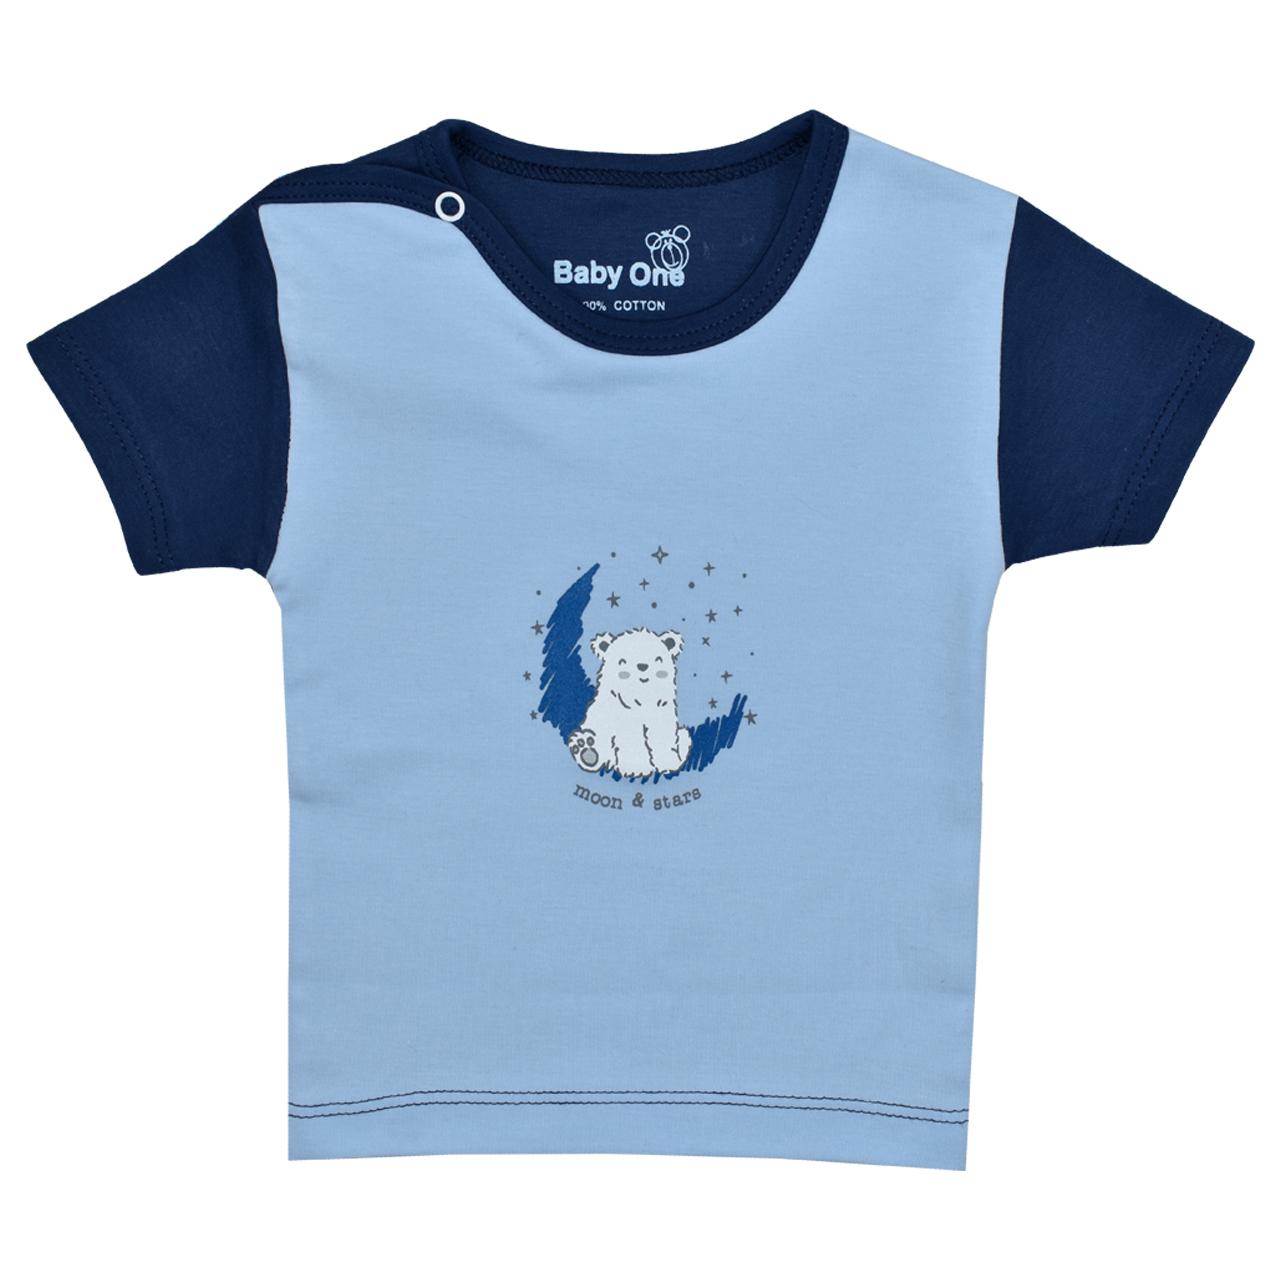 تی شرت آستین کوتاه نوزادی بی بی وان مدل خرس قطبی کد 1